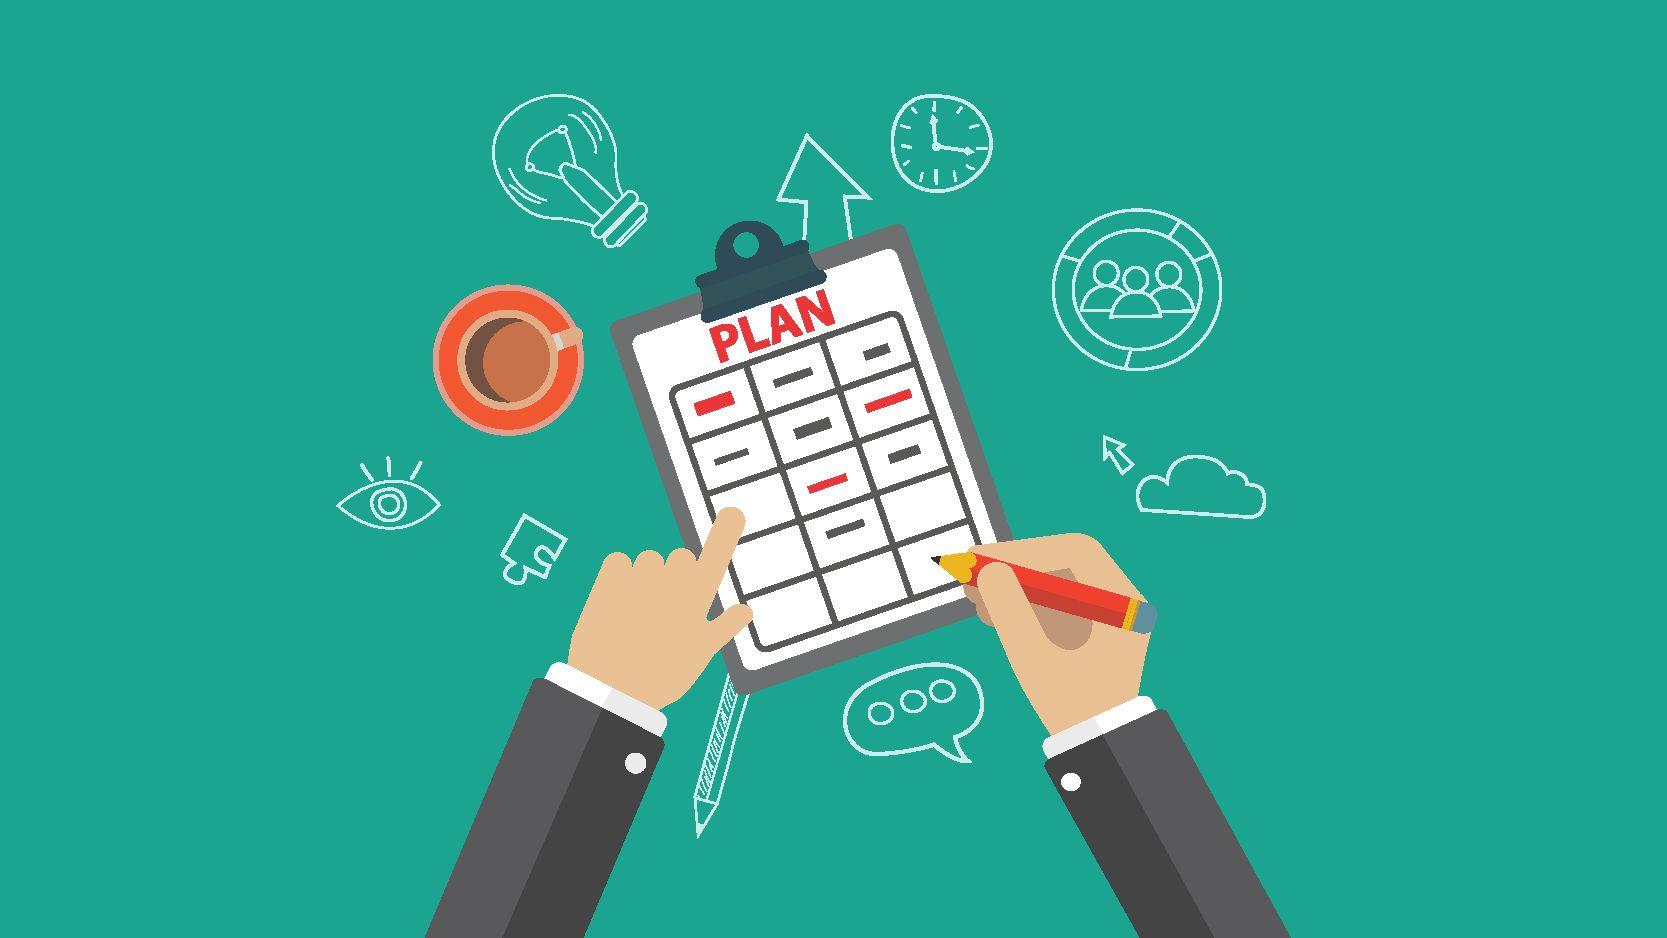 6 bước lập kế hoạch hoàn hảo cho nhà quản trị hiện đại